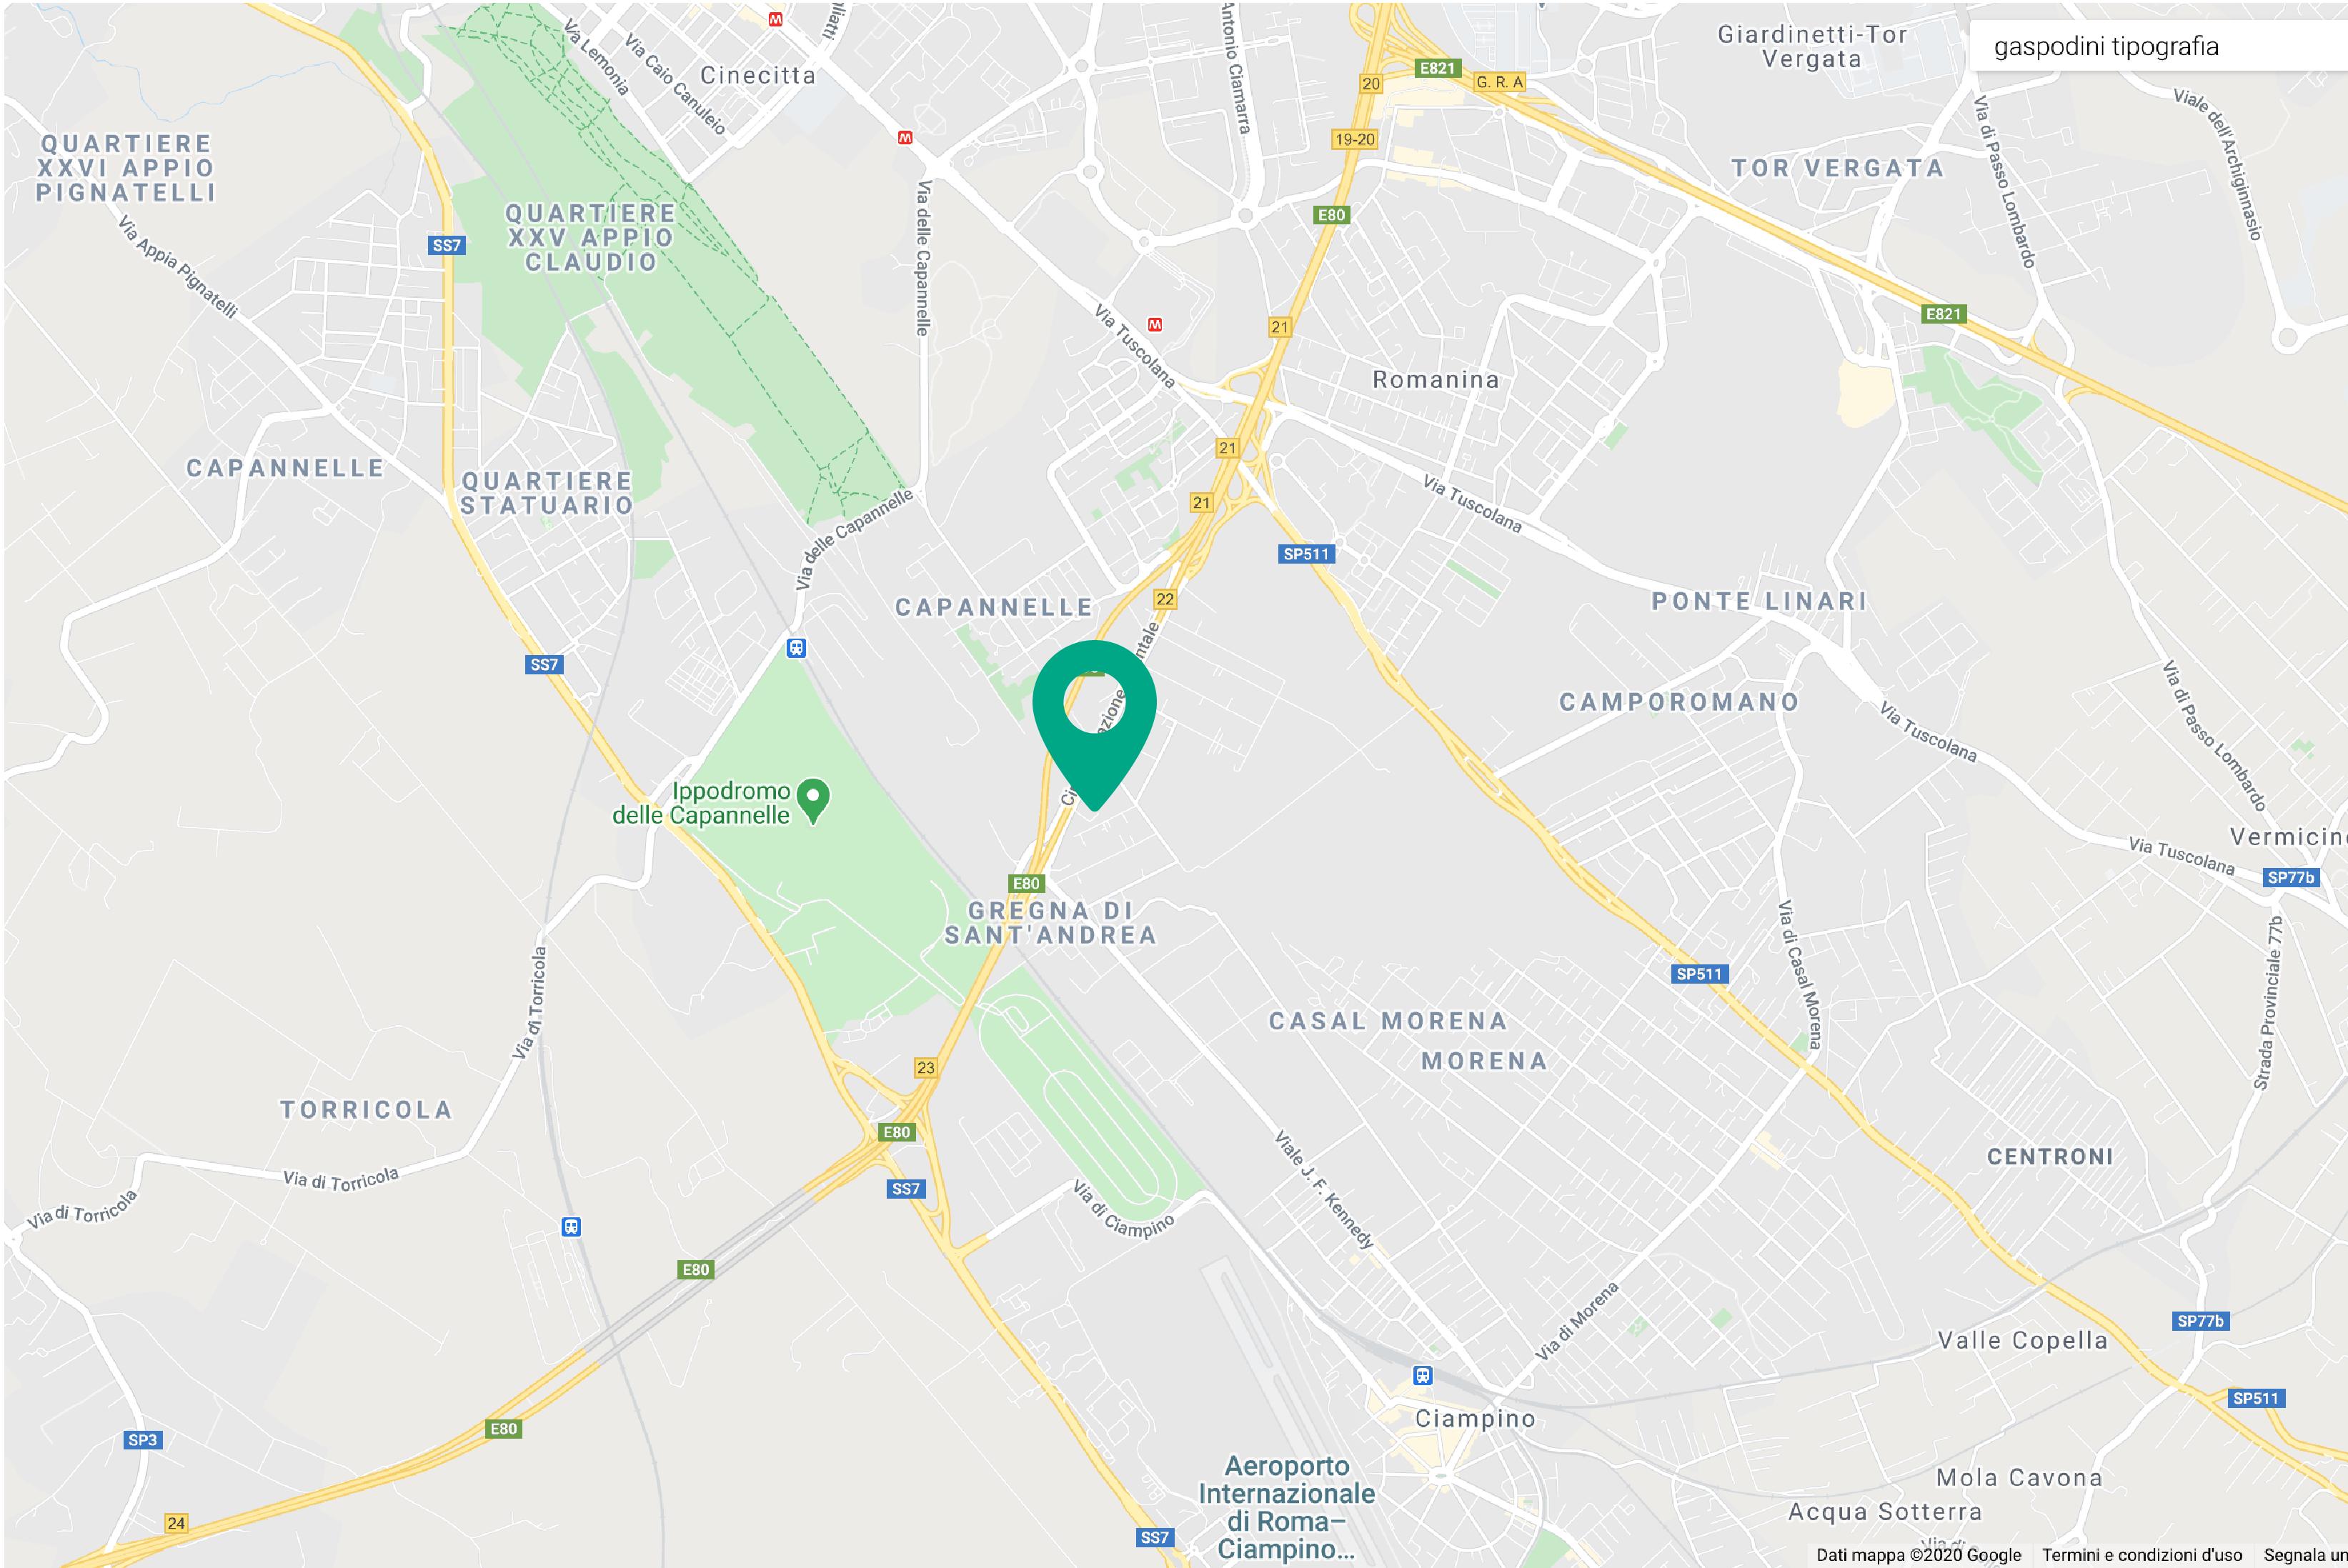 Google_Mappa_Gaspodini